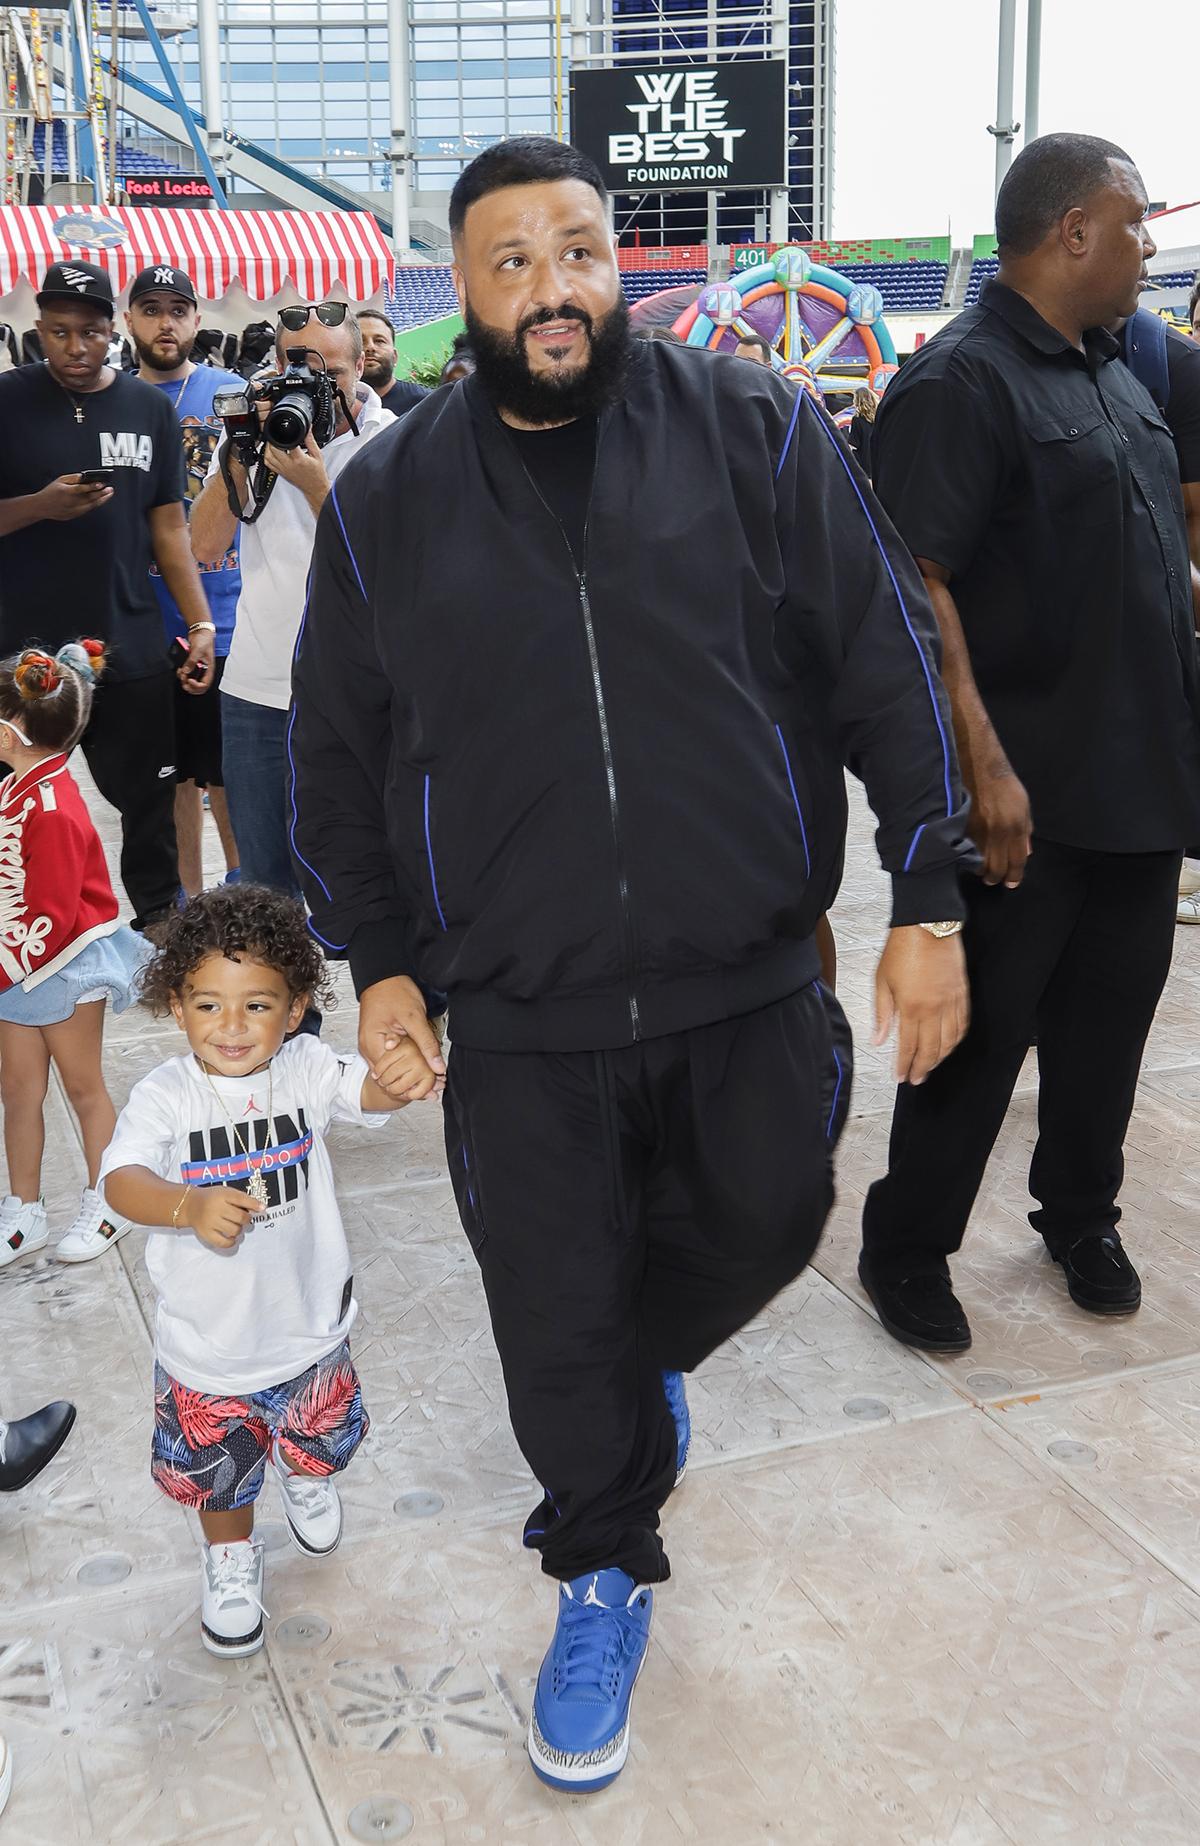 DJ Khaled WW